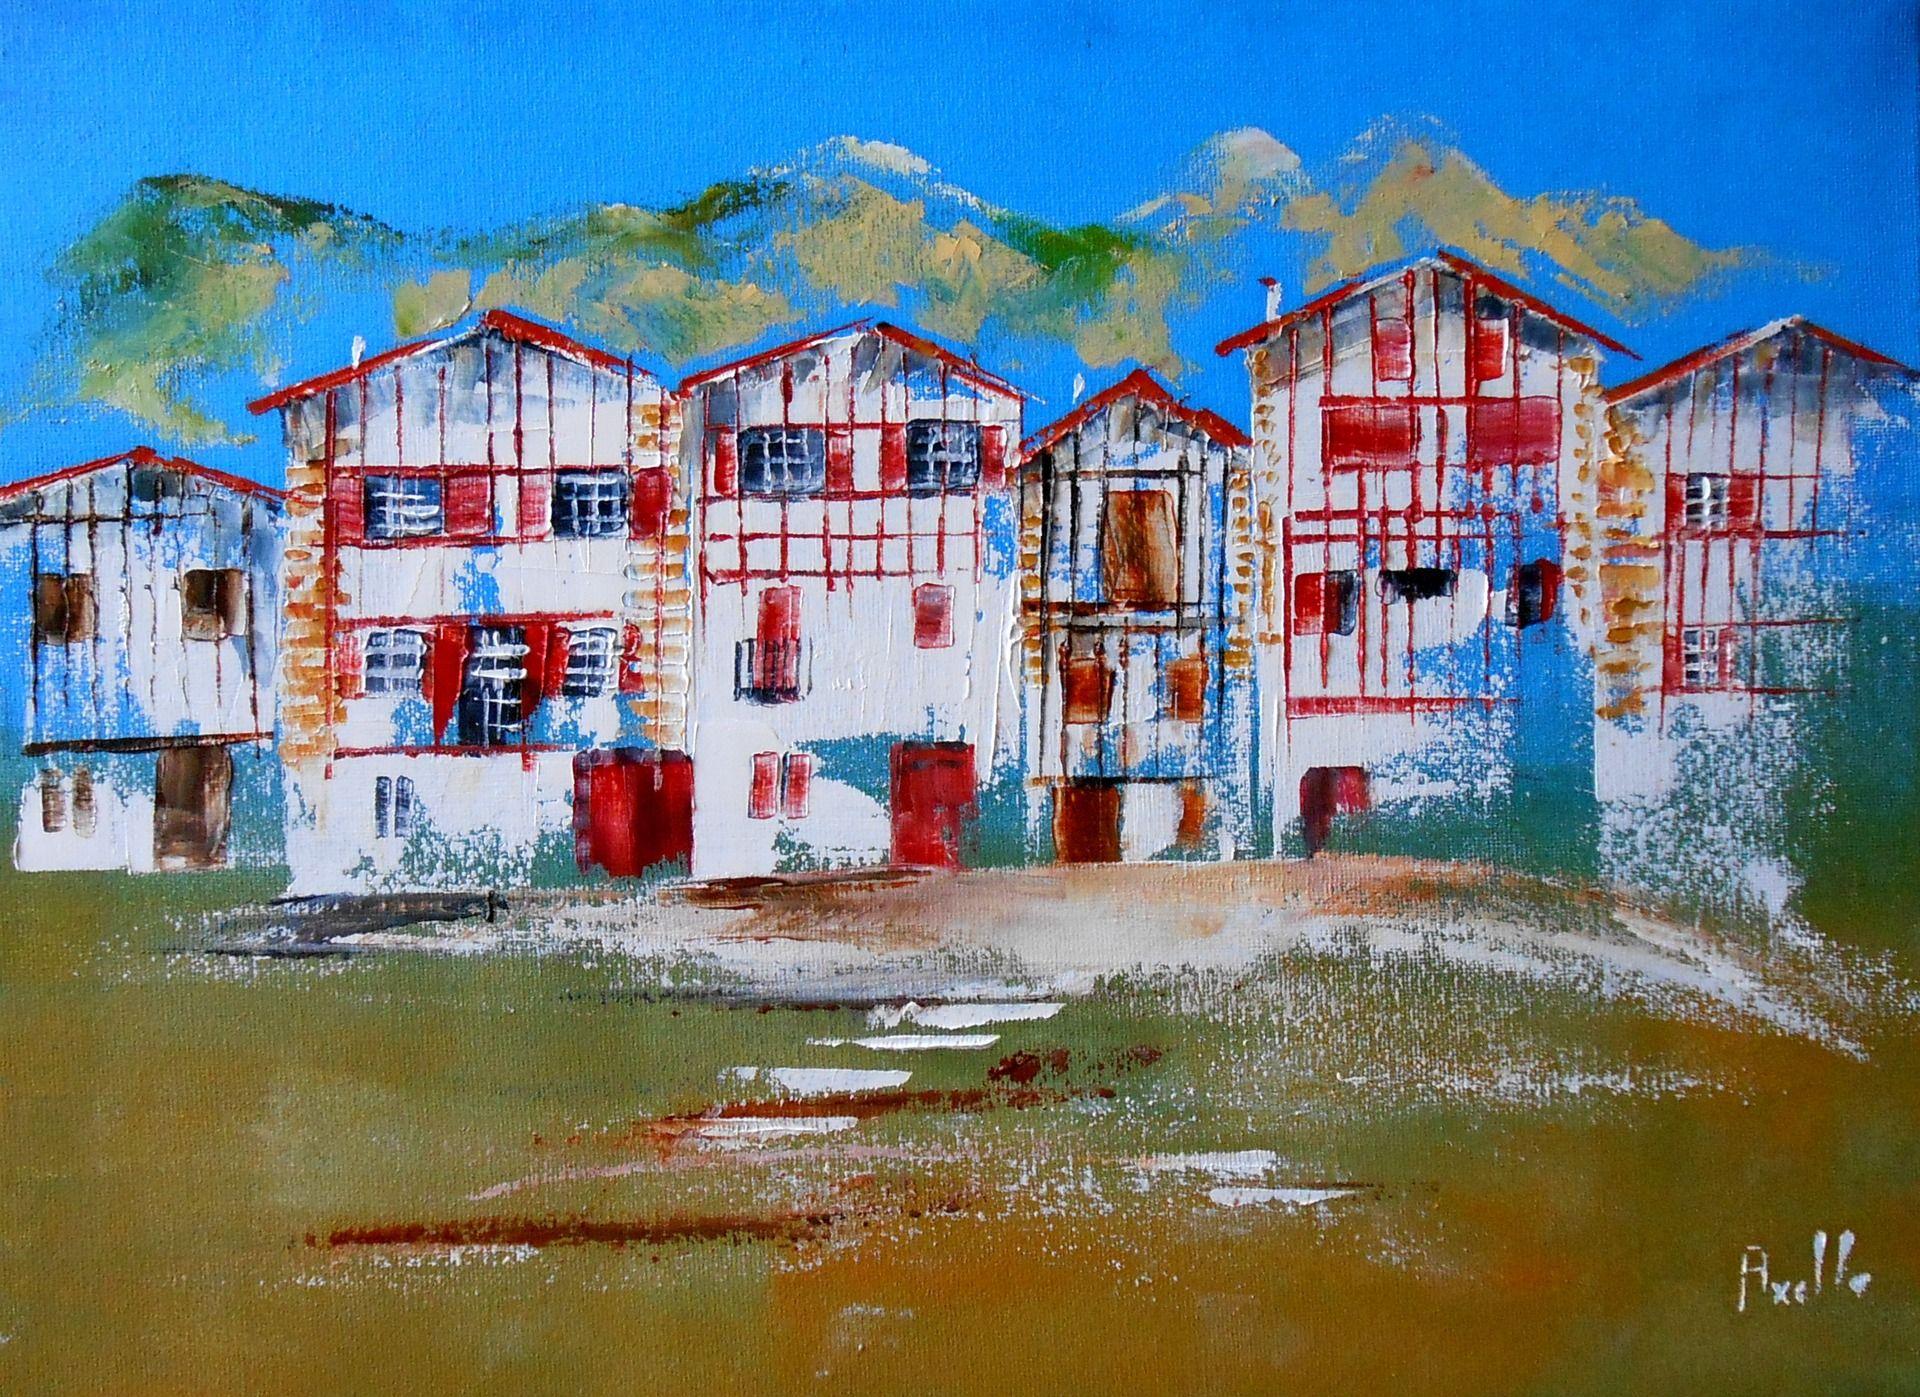 Tableau le pays basque et ses maisons typiques - Maison close pays basque ...